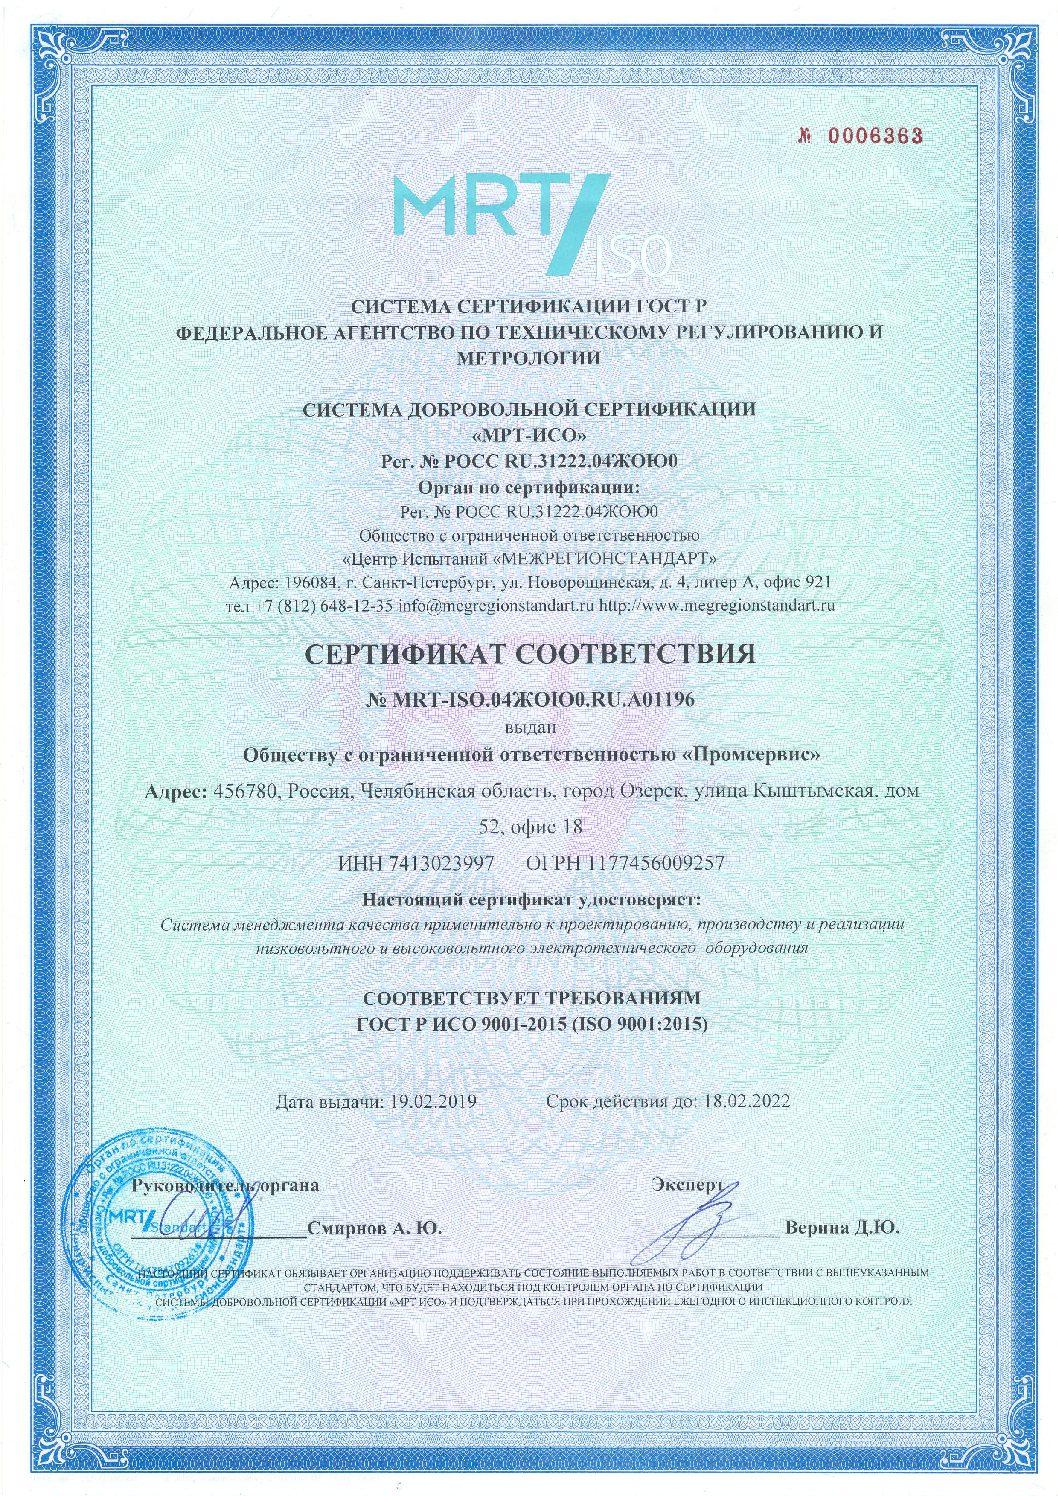 Сертификат соответствия оборудования ПРОМСЕРВИС